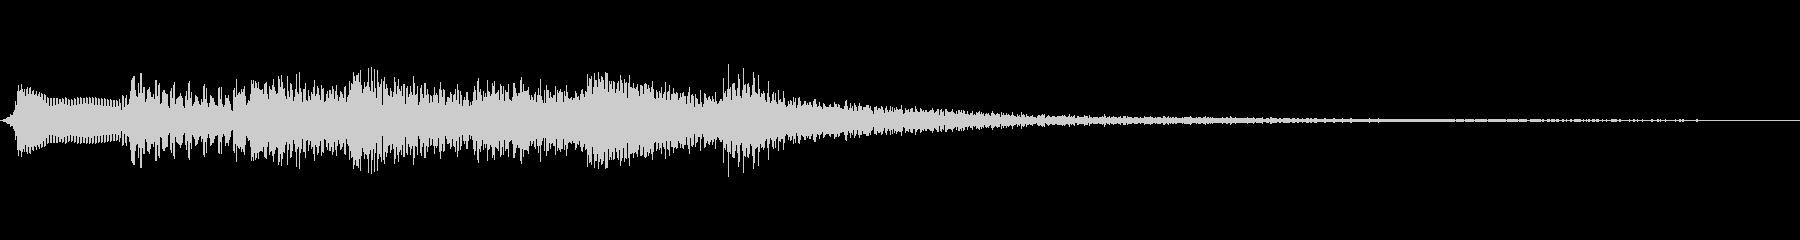 和風の場面転換音(琴/ハープの音色)高音の未再生の波形